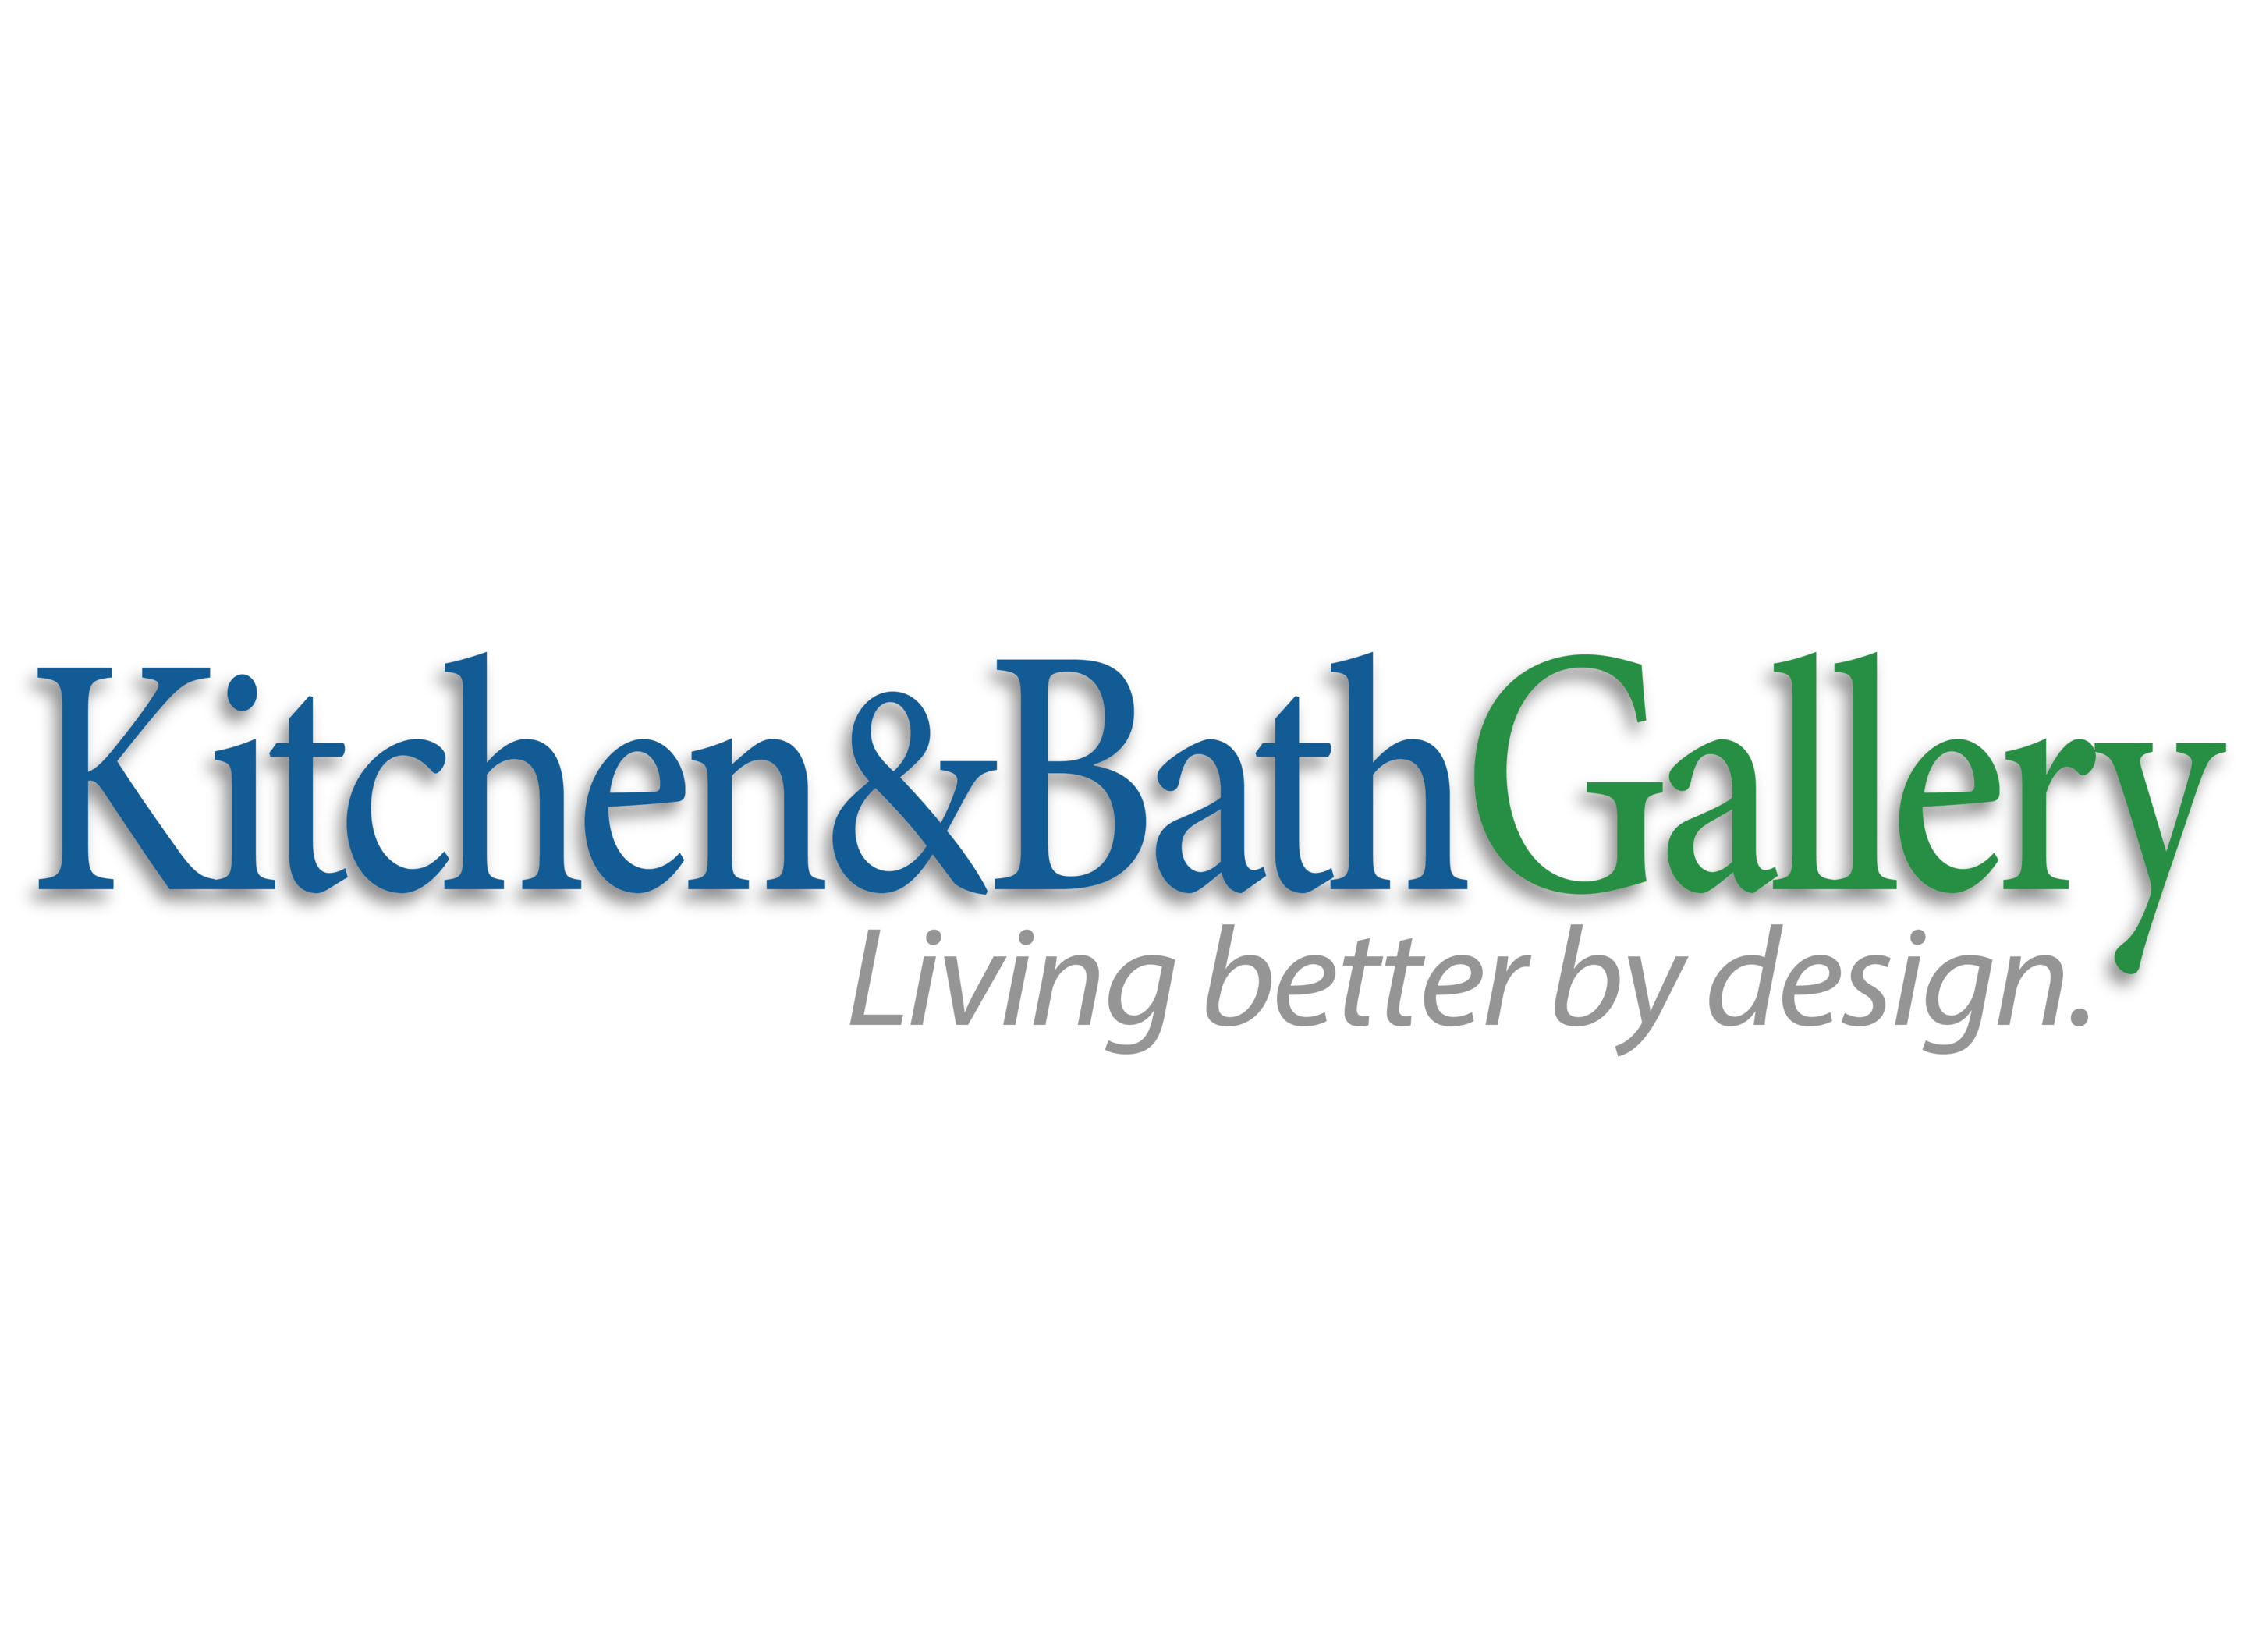 KOHLER Bathroom Kitchen Products at Kitchen Bath Gallery in – Kitchen and Bath Gallery